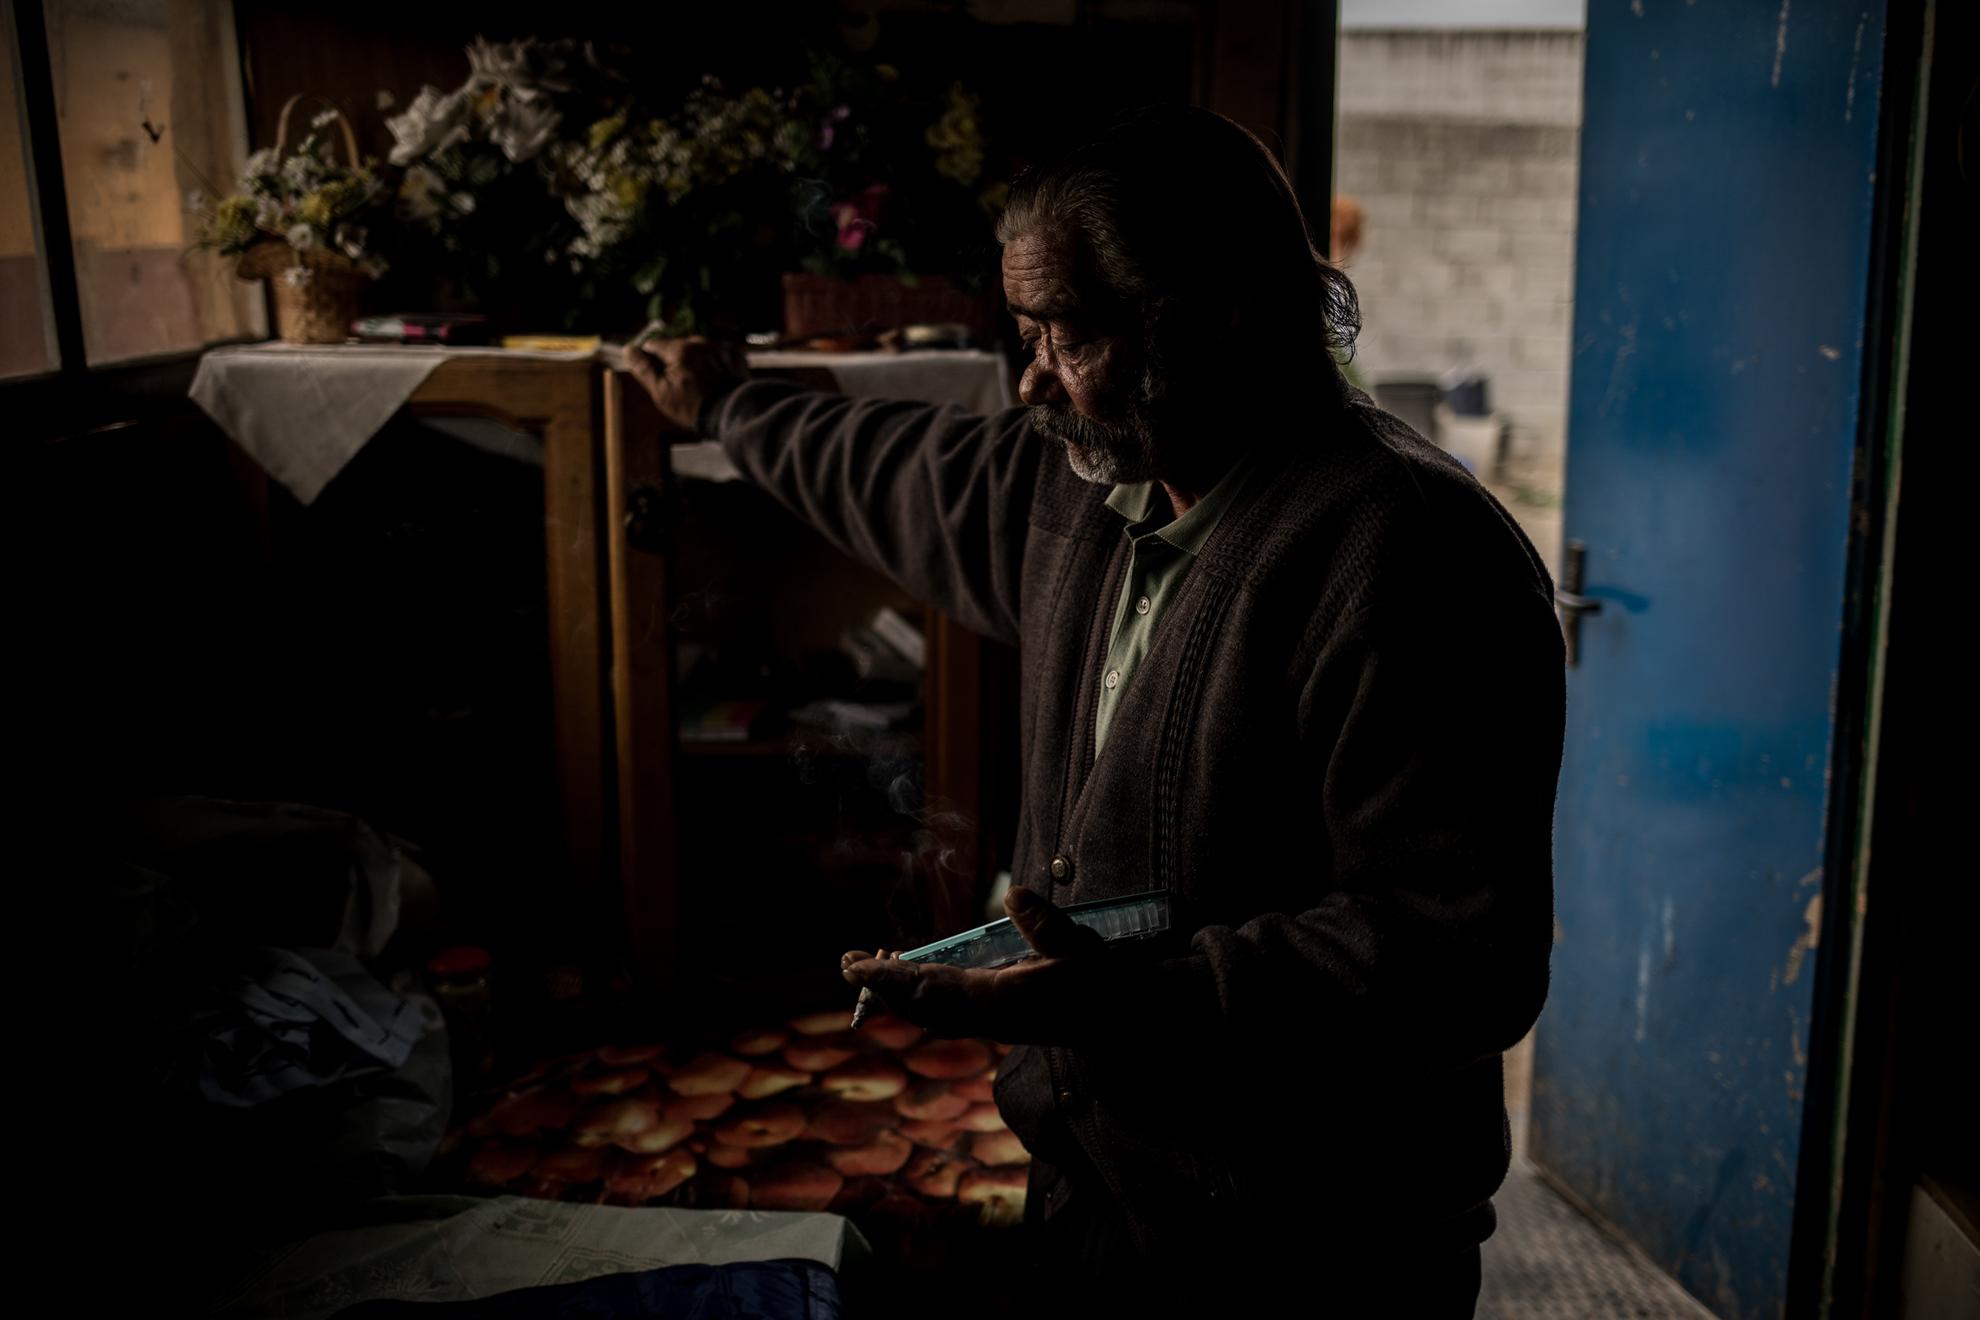 Los grupos de personas más desfavorecidas son termómetro evidente de la crisis económica que viene asociada con la pandemia por COVID-19. Adoleciendo de manera temprana la falta de ingresos y, en consecuencia, la falta de bienes básicos de subsistencia. En la Imagen: Radu Rostas, de 54 años, originario de Rumanía en el interior de la chabola donde vive en Granada.